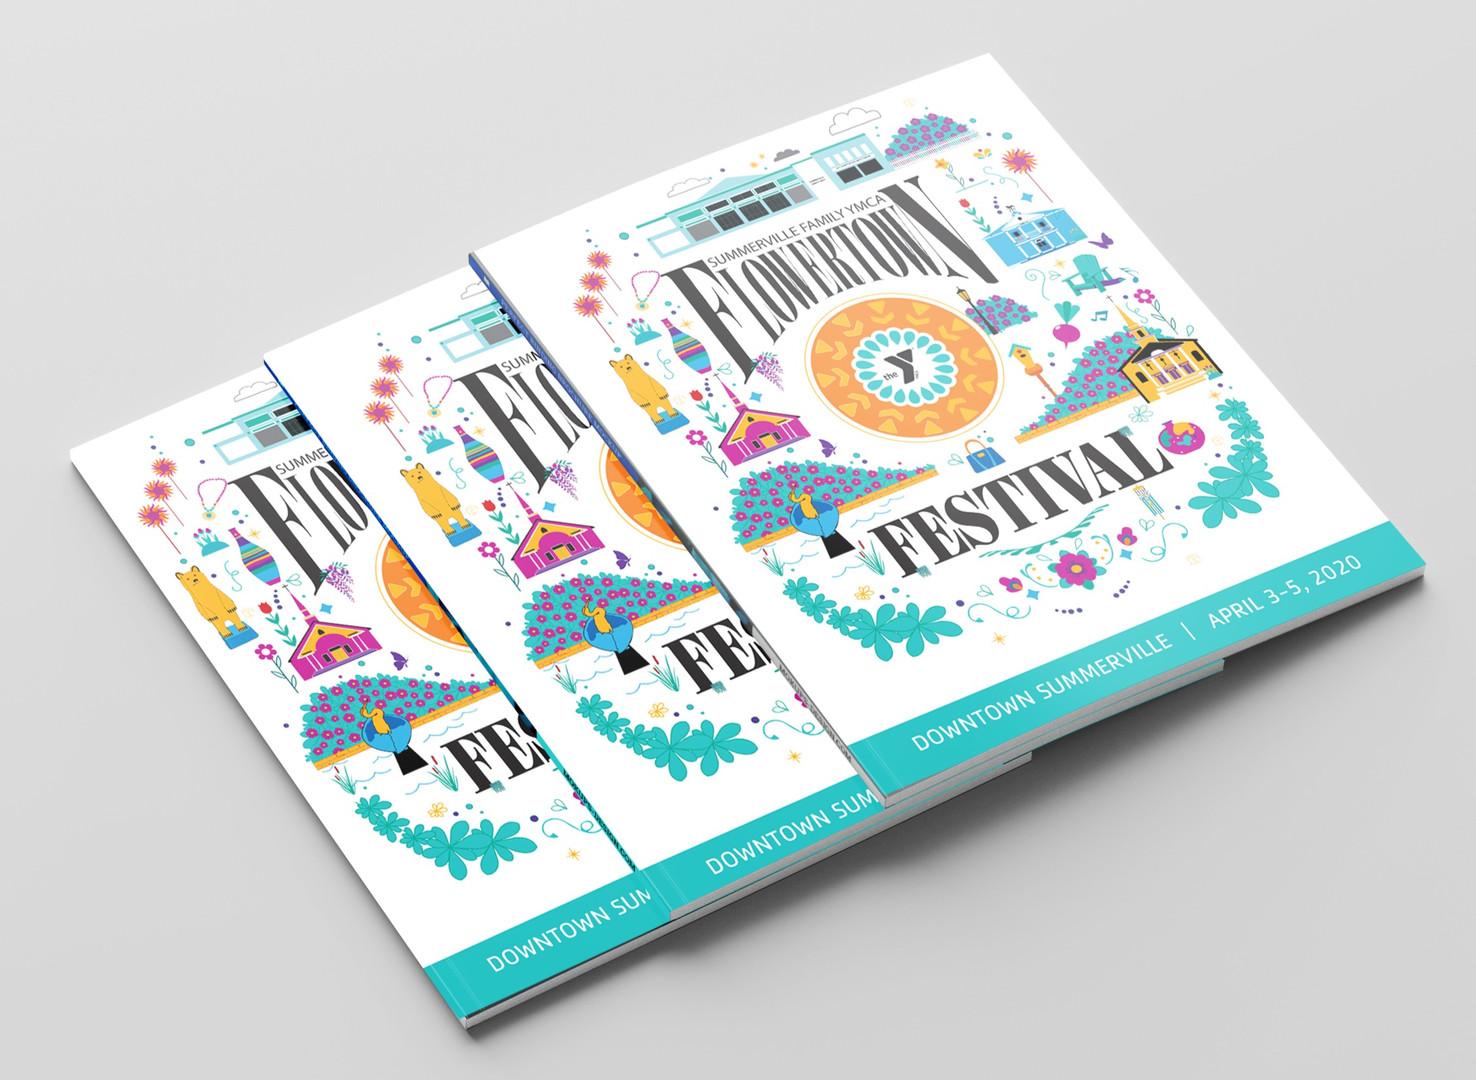 Summerville Family YMCA Flowertown Festival 2021 Artwork Cover